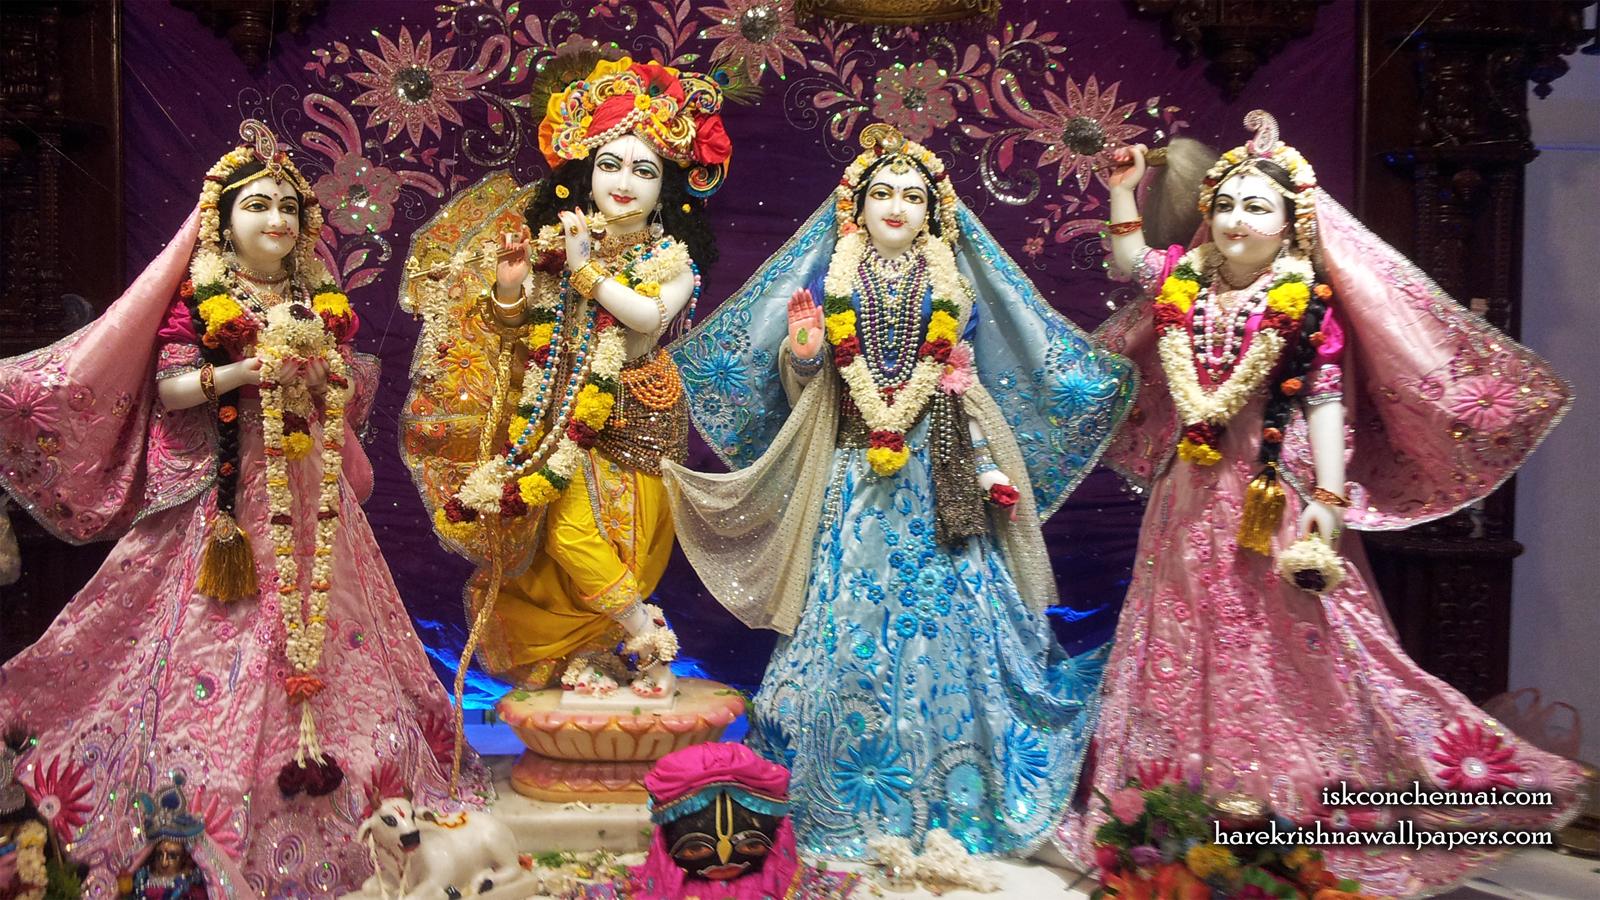 Sri Sri Radha Krishna Lalita Vishakha Wallpaper (002) Size 1600x900 Download